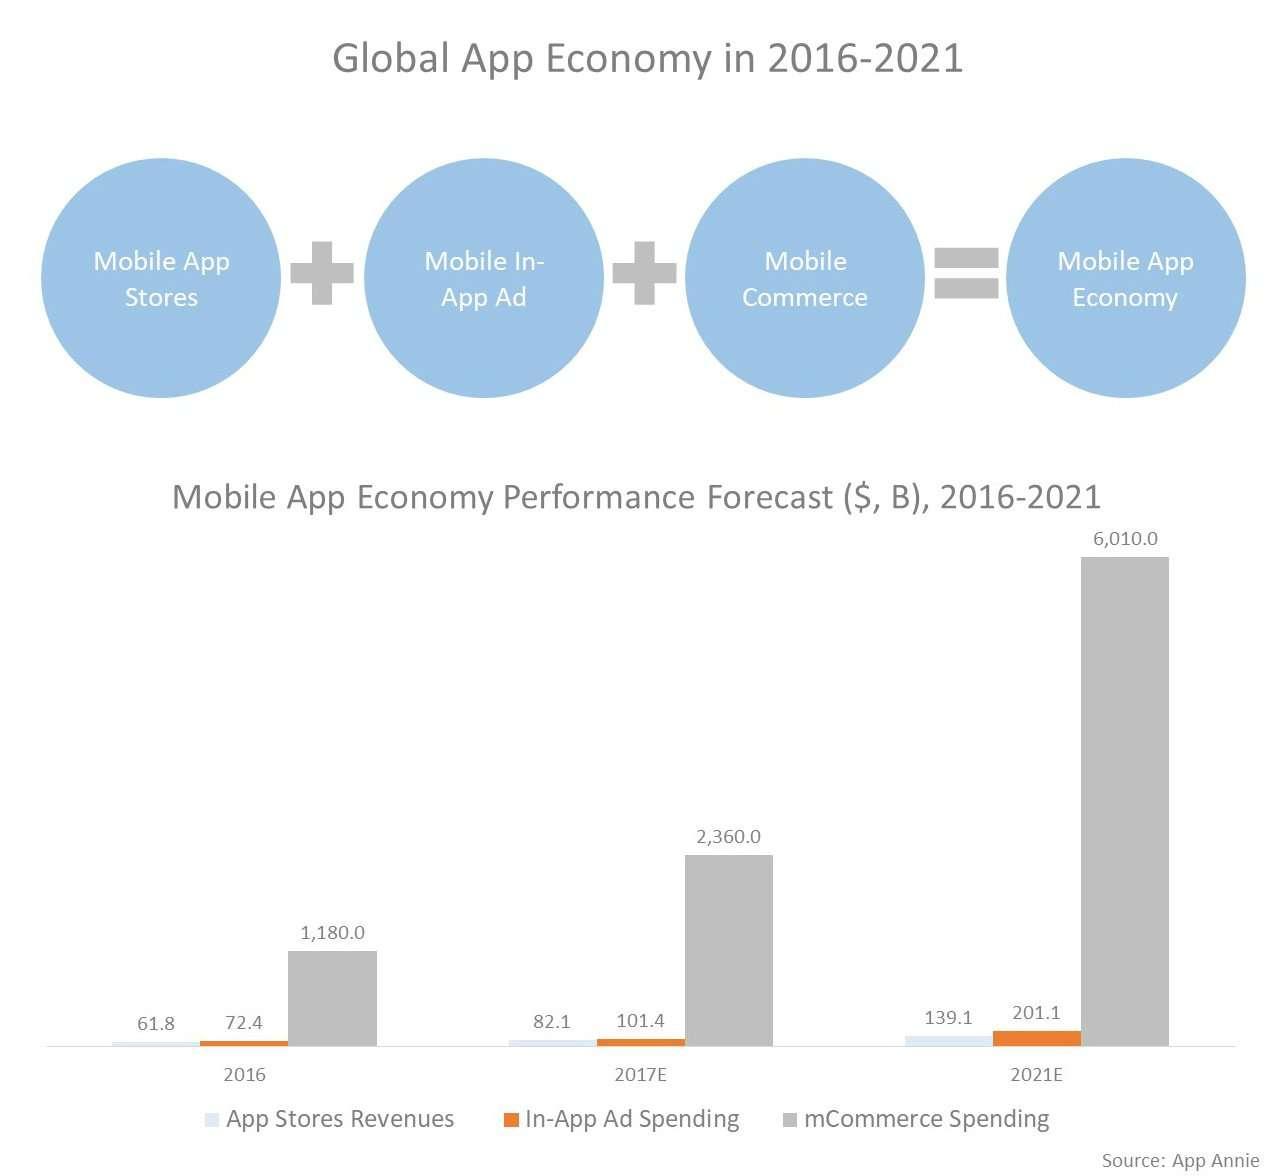 Global app economy in 2016-2021